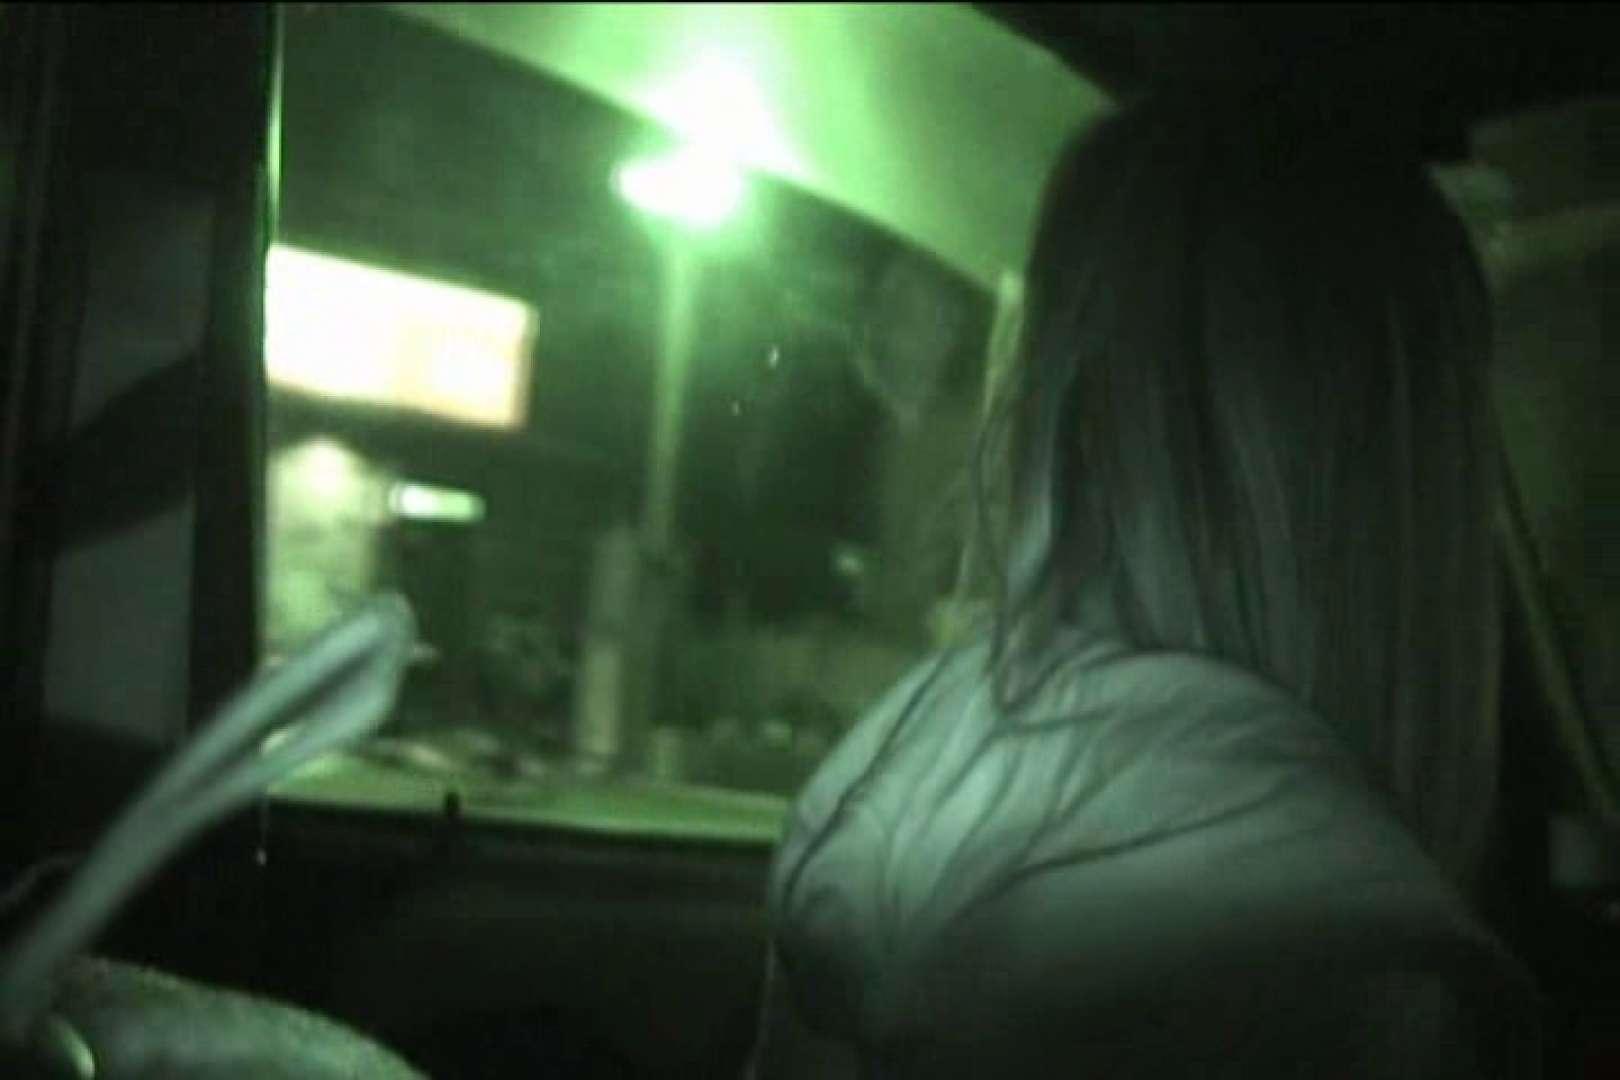 車内で初めまして! vol03 車 盗撮画像 63連発 17